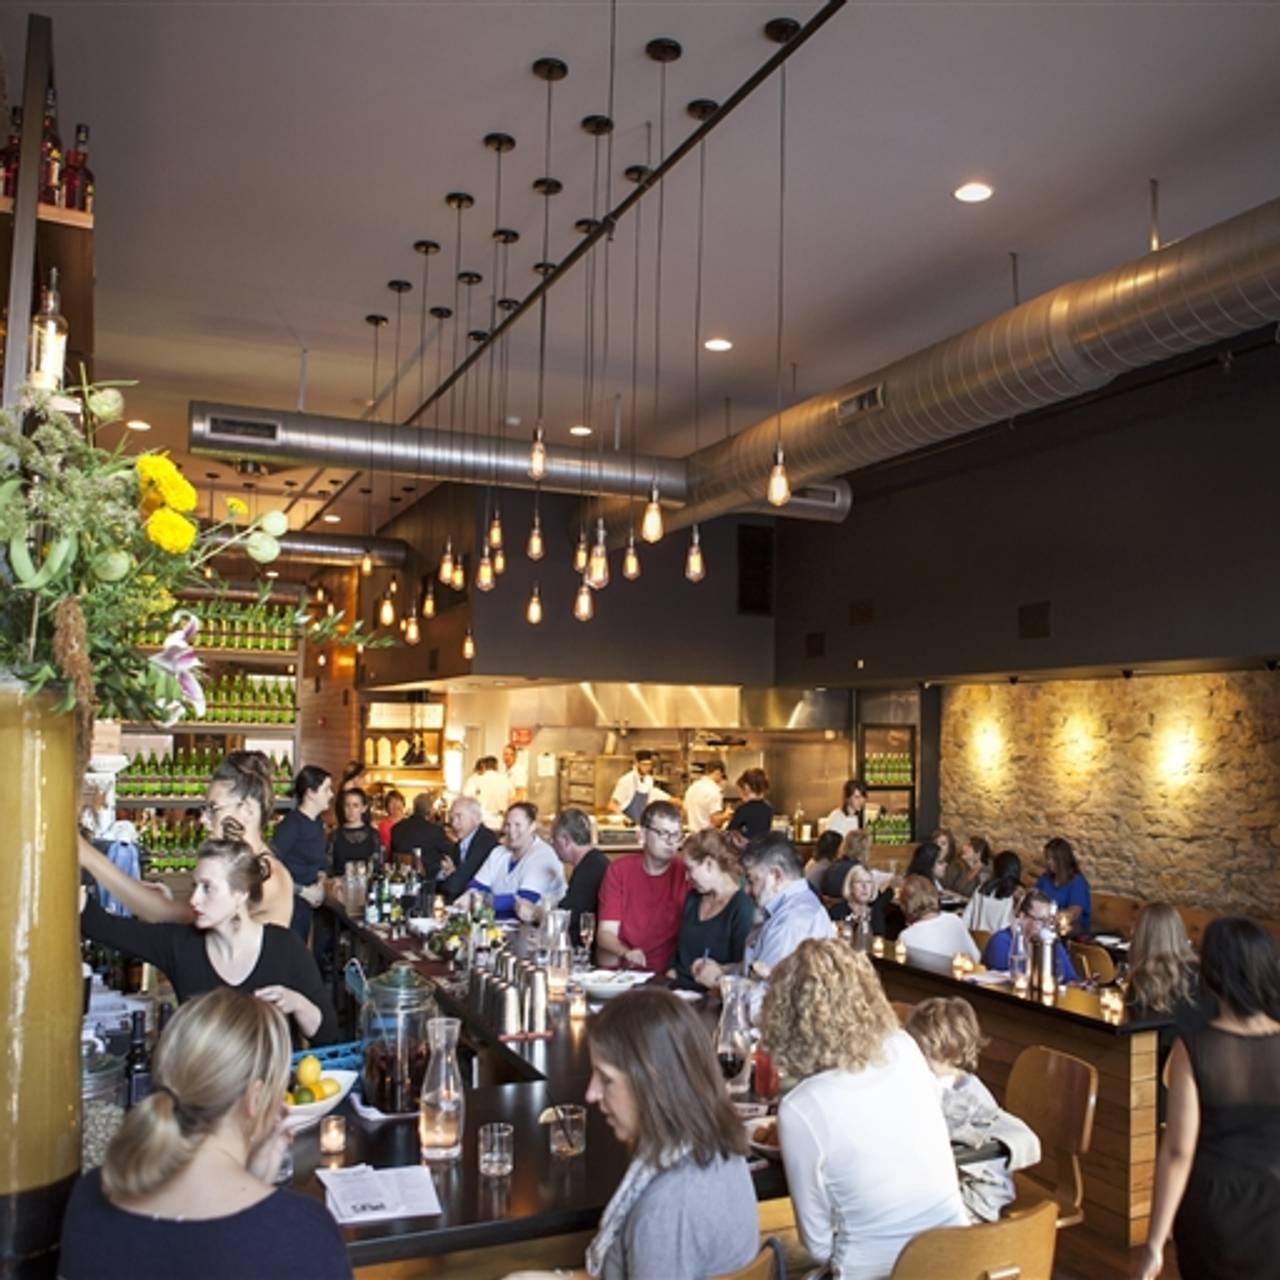 715 Restaurant Lawrence Ks Opentable